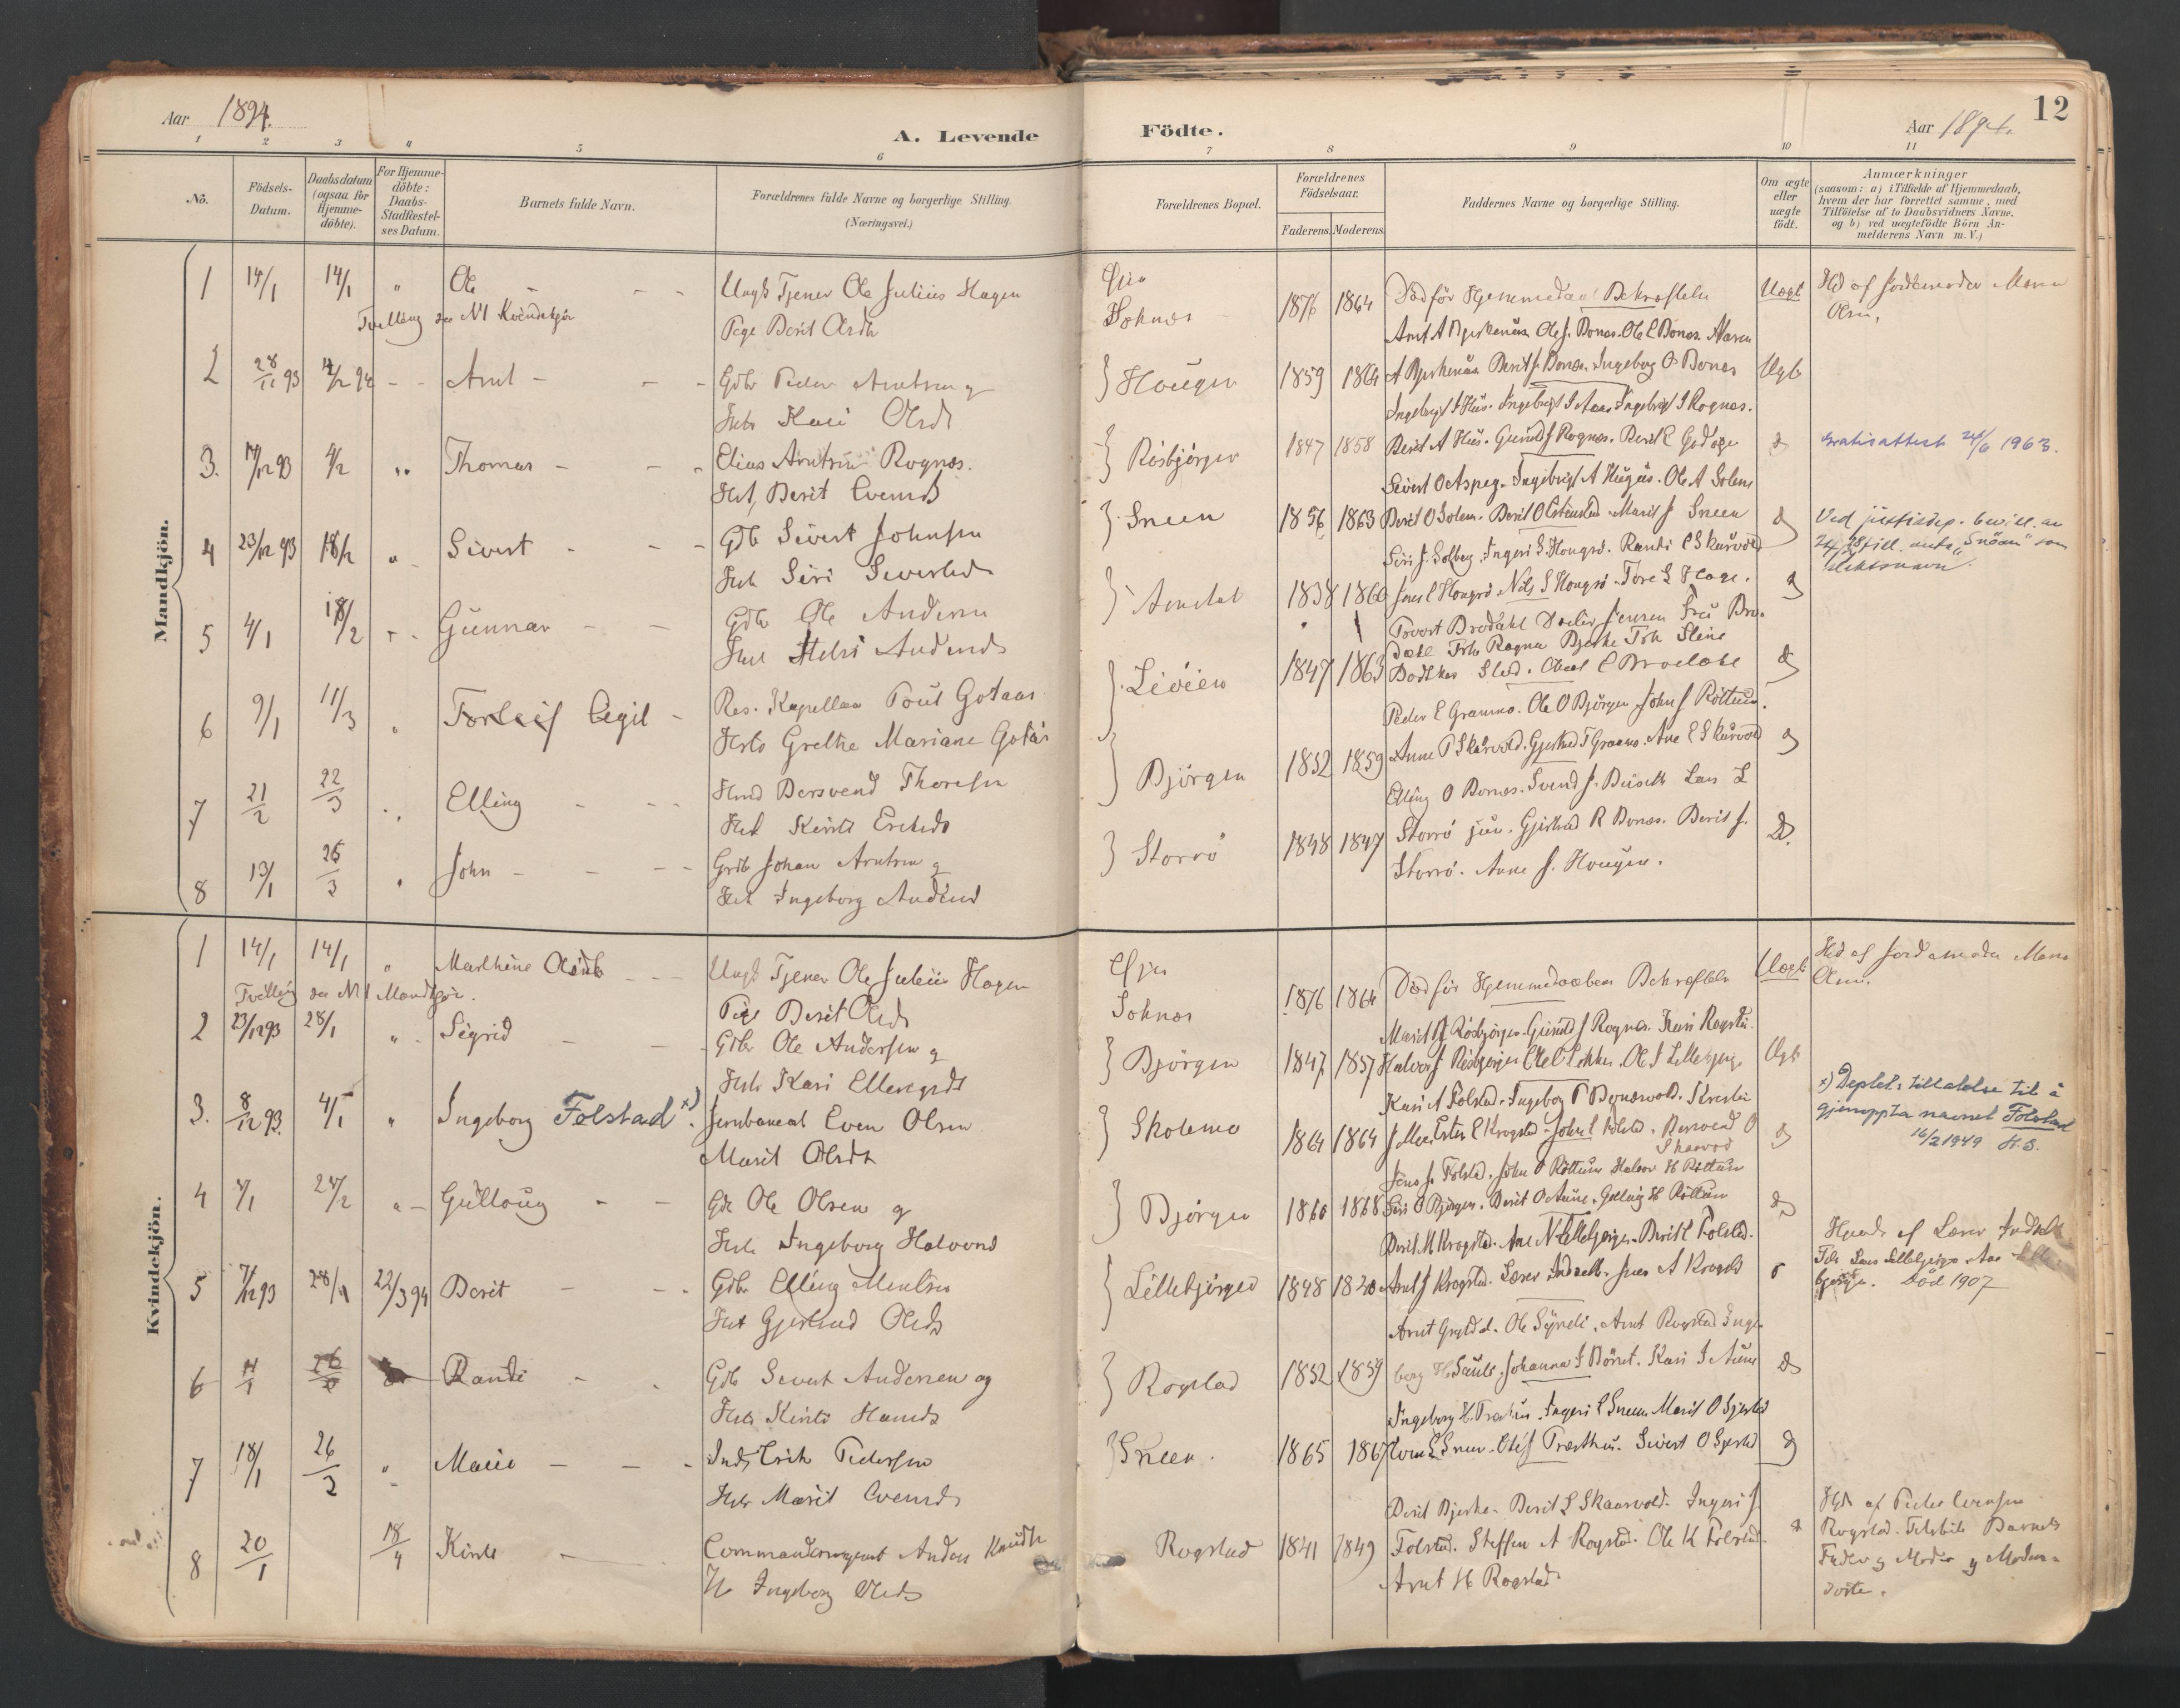 SAT, Ministerialprotokoller, klokkerbøker og fødselsregistre - Sør-Trøndelag, 687/L1004: Ministerialbok nr. 687A10, 1891-1923, s. 12